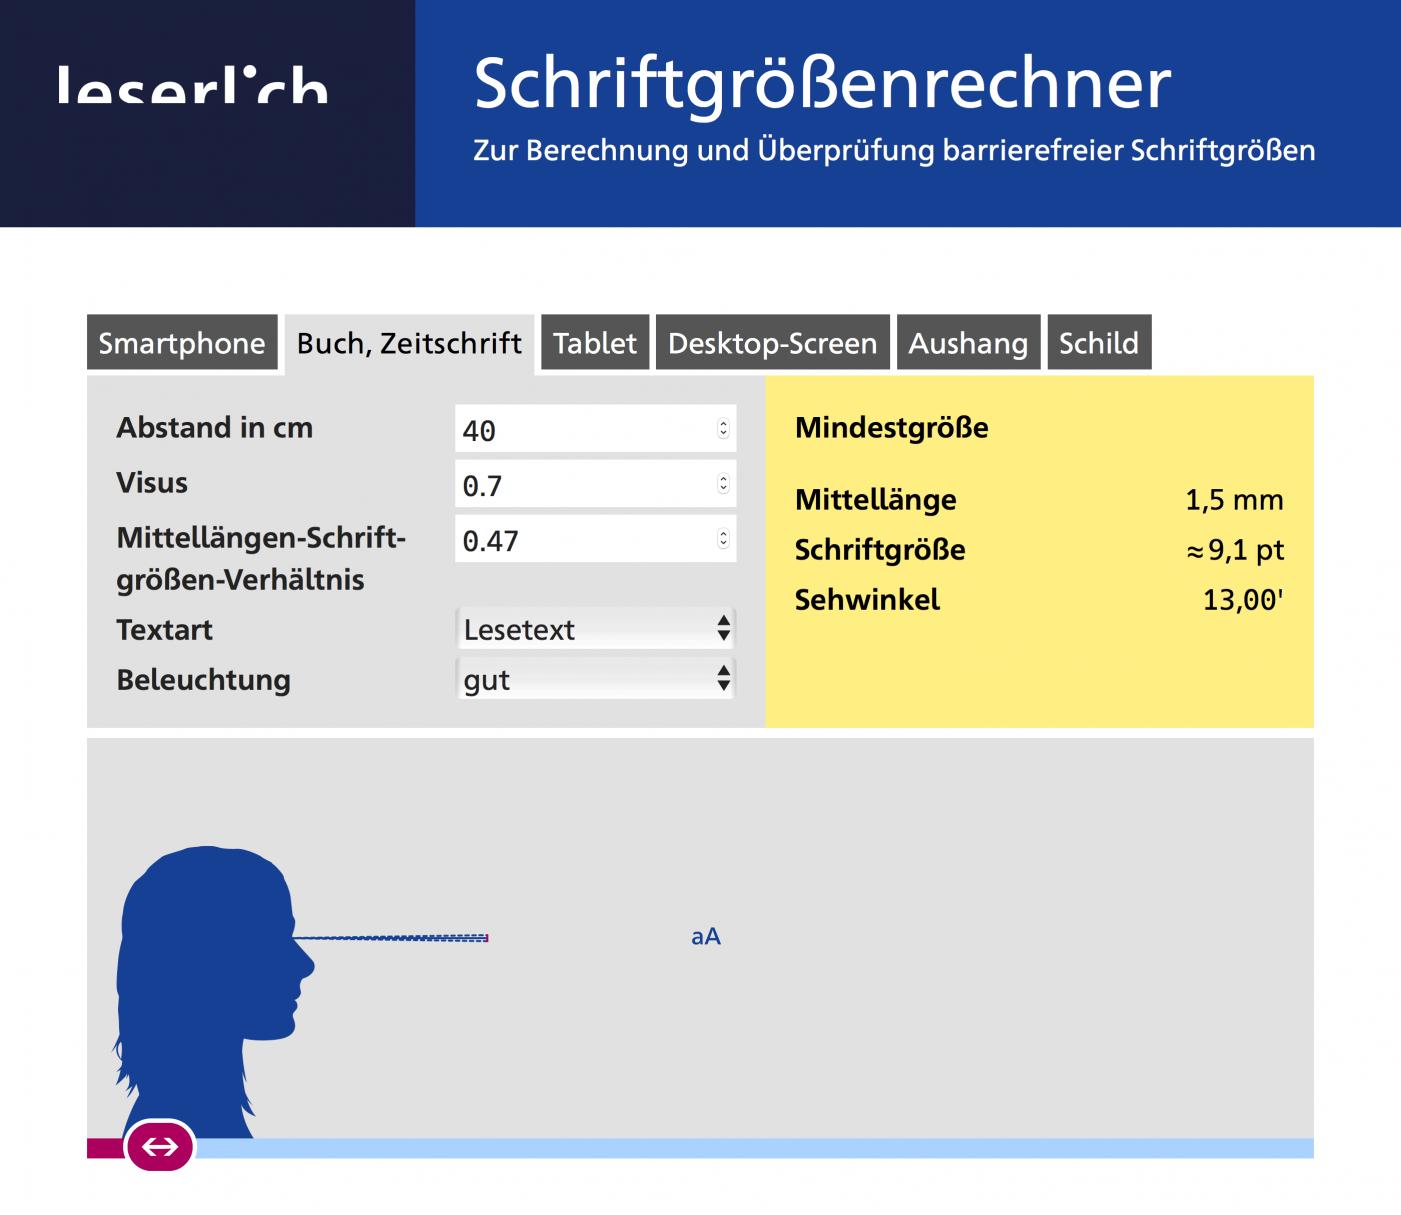 rechner.png